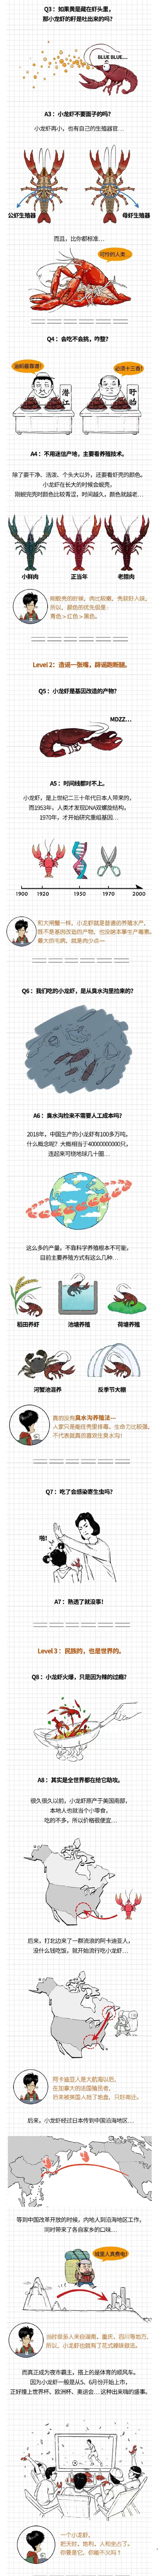 把小龙虾吃得明明白白2